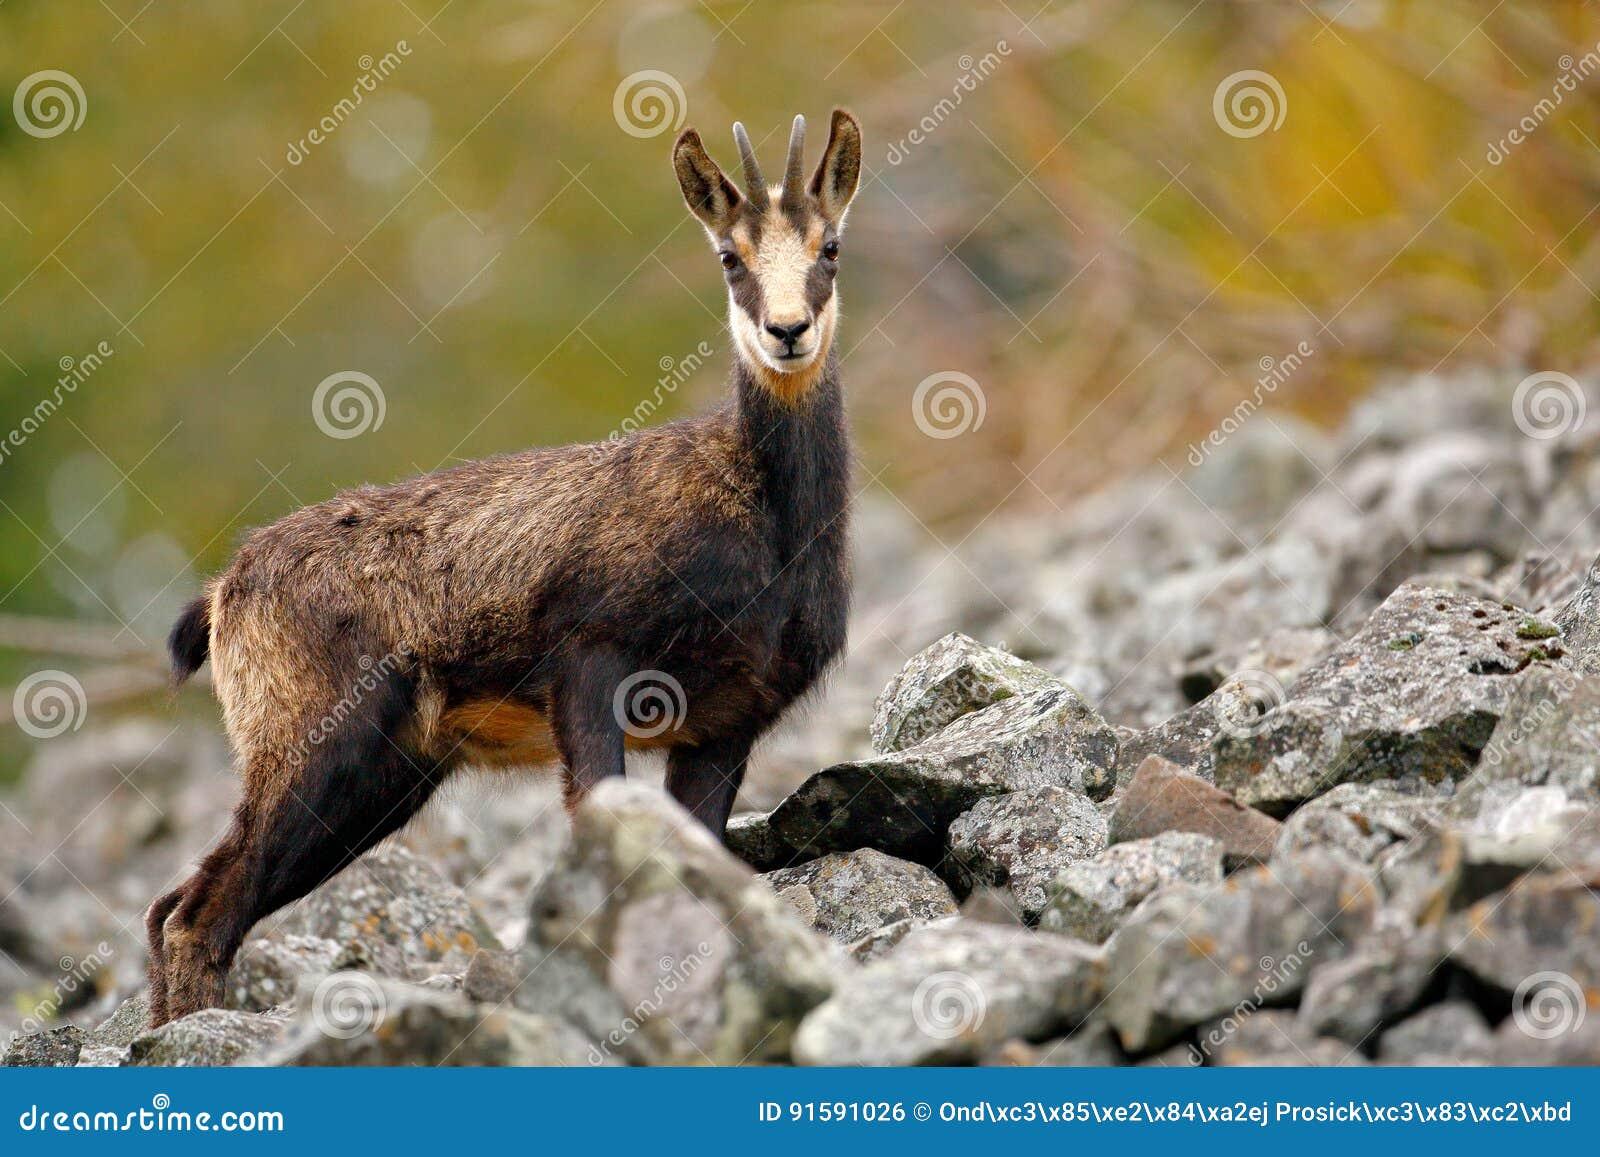 Cabra-montesa, rupicapra do Rupicapra, na grama verde, rocha cinzenta no fundo, Gran Paradiso, Itália Animal no cume Cena dos ani